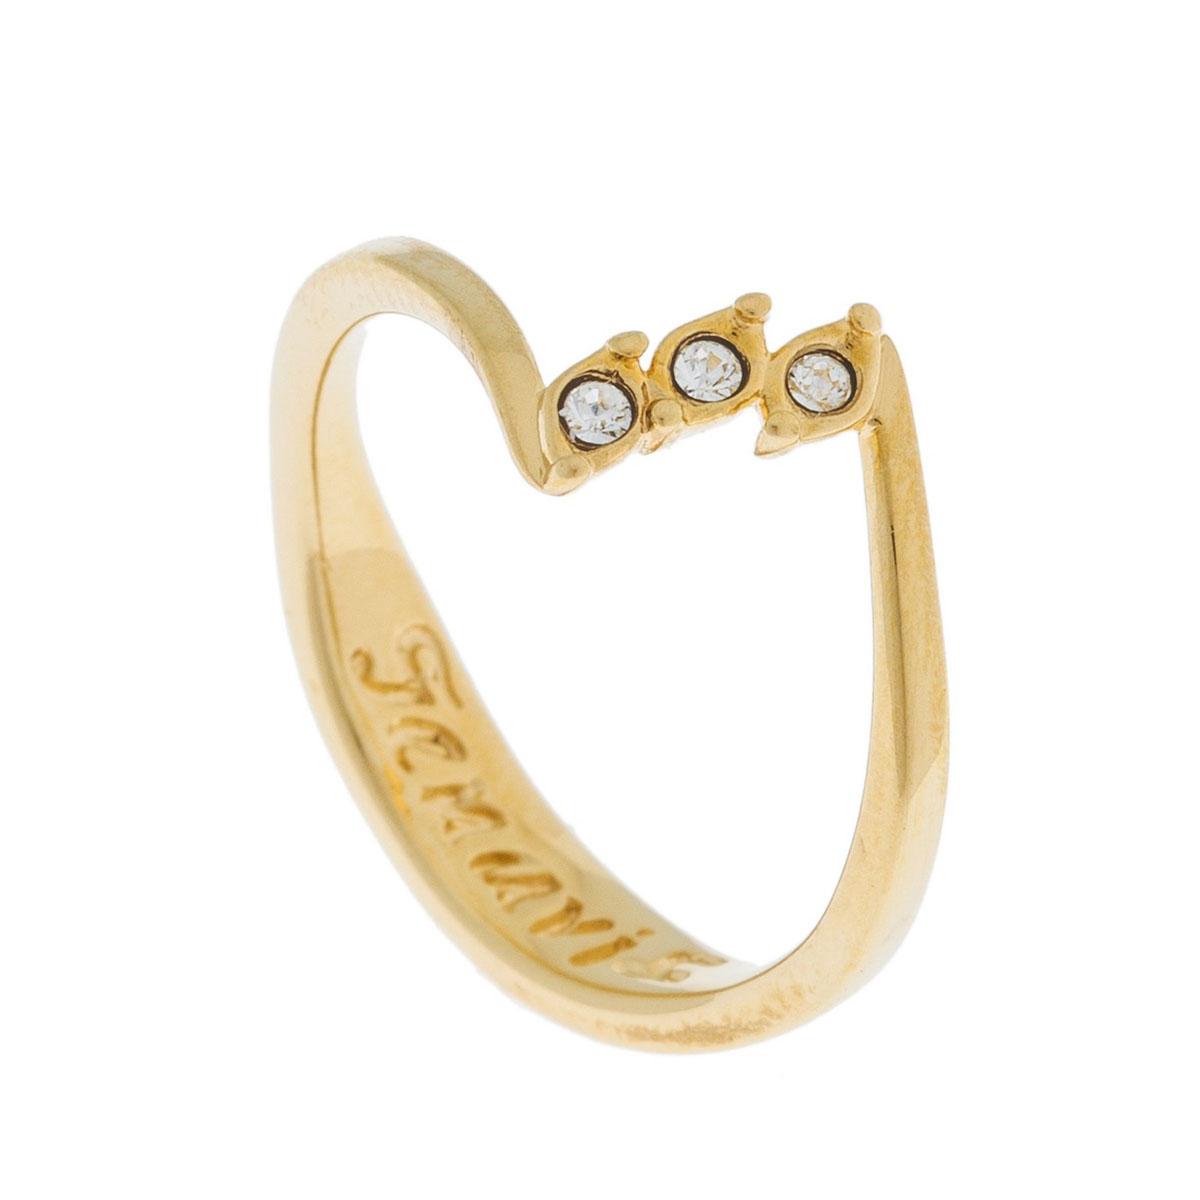 Кольцо Jenavi Эя, цвет: золотой, белый. k495p000. Размер 16k495p000Коллекция Э, Эя (Кольцо) гипоаллергенный ювелирный сплав,Позолота, вставка Кристаллы Swarovski